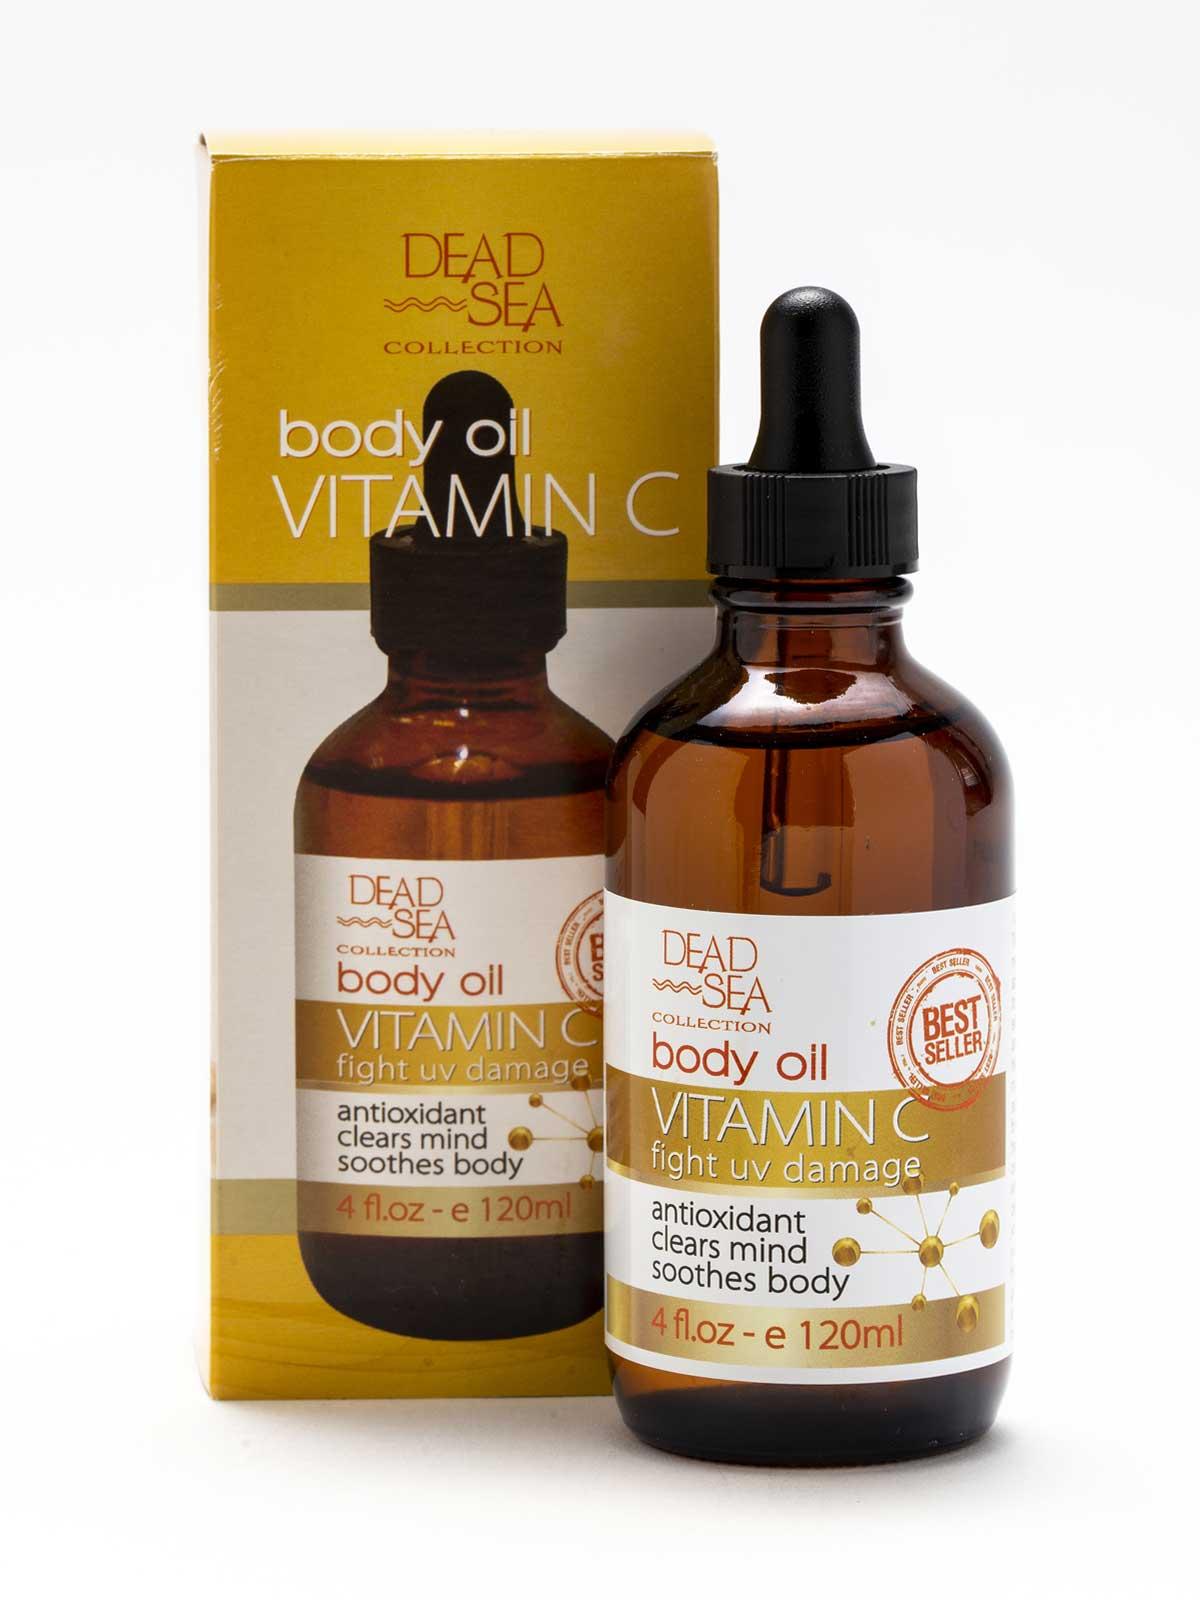 Vitamin C Body Oil | Dead Sea Collection